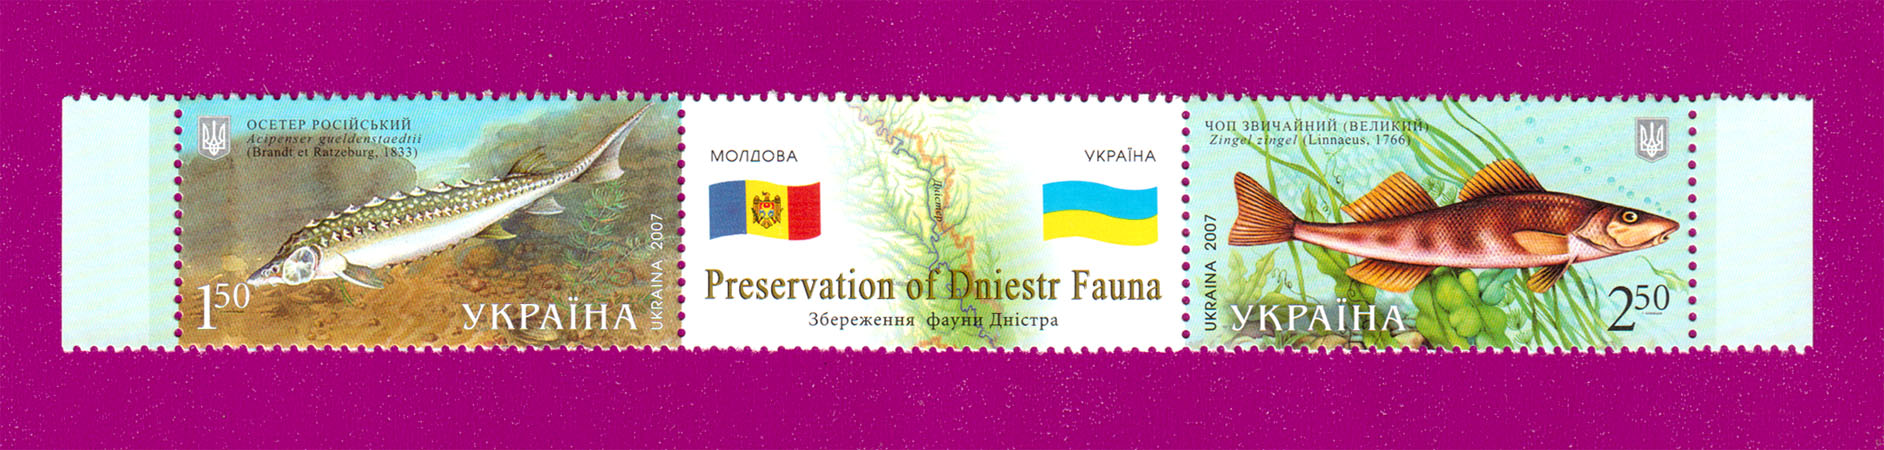 Ukraine stamps Coupling Preservation of Dniestr Fauna